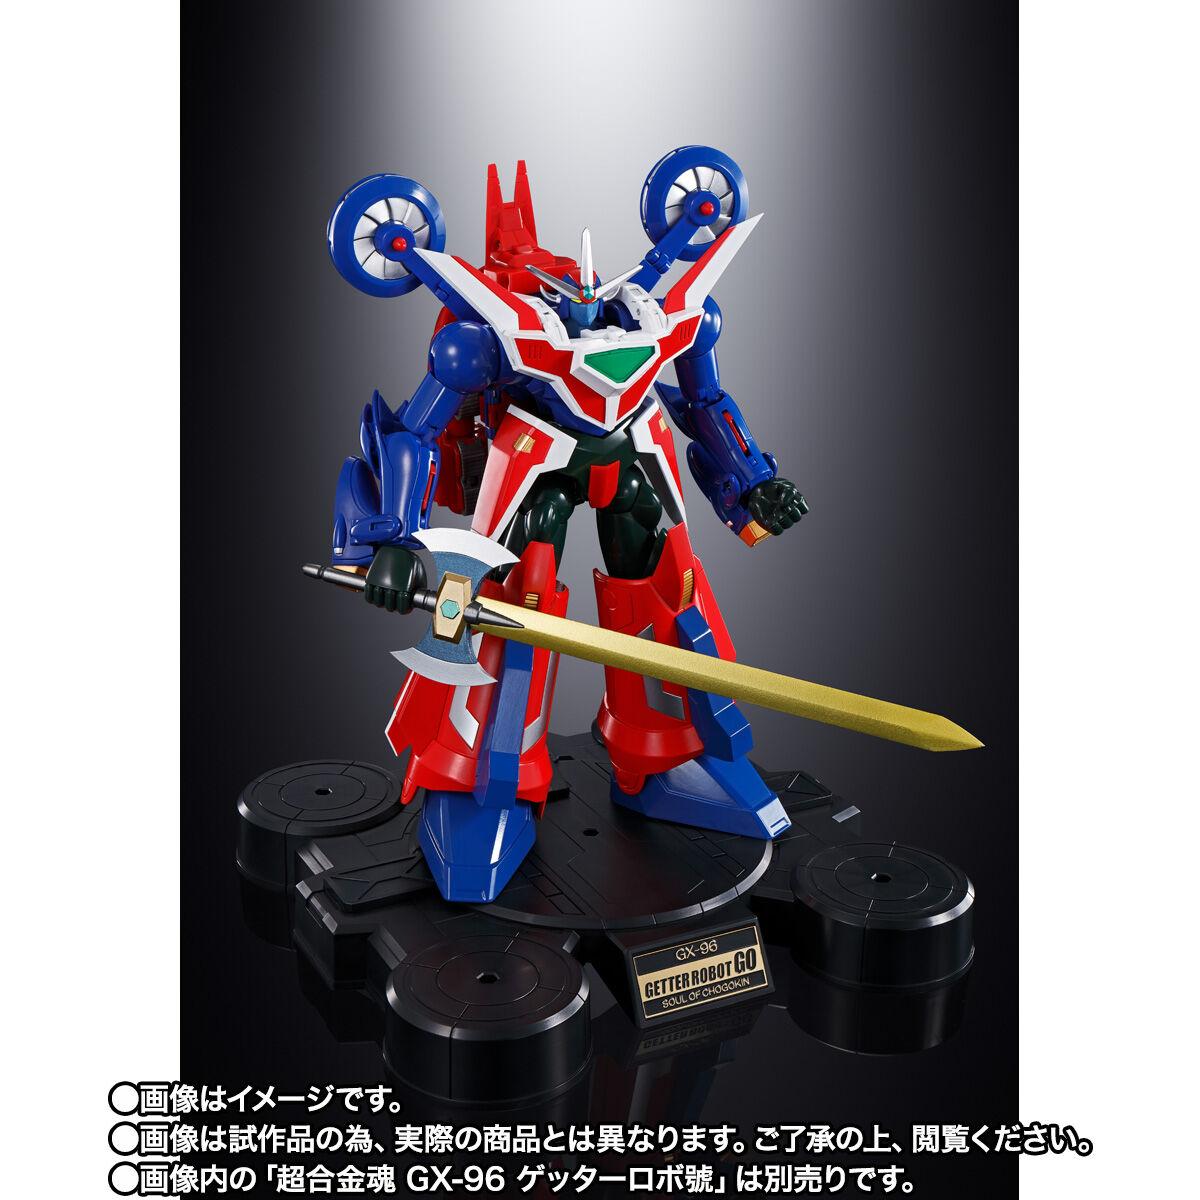 【限定販売】超合金魂『GX-96X Gアームライザー』ゲッターロボ號 可動フィギュア-008